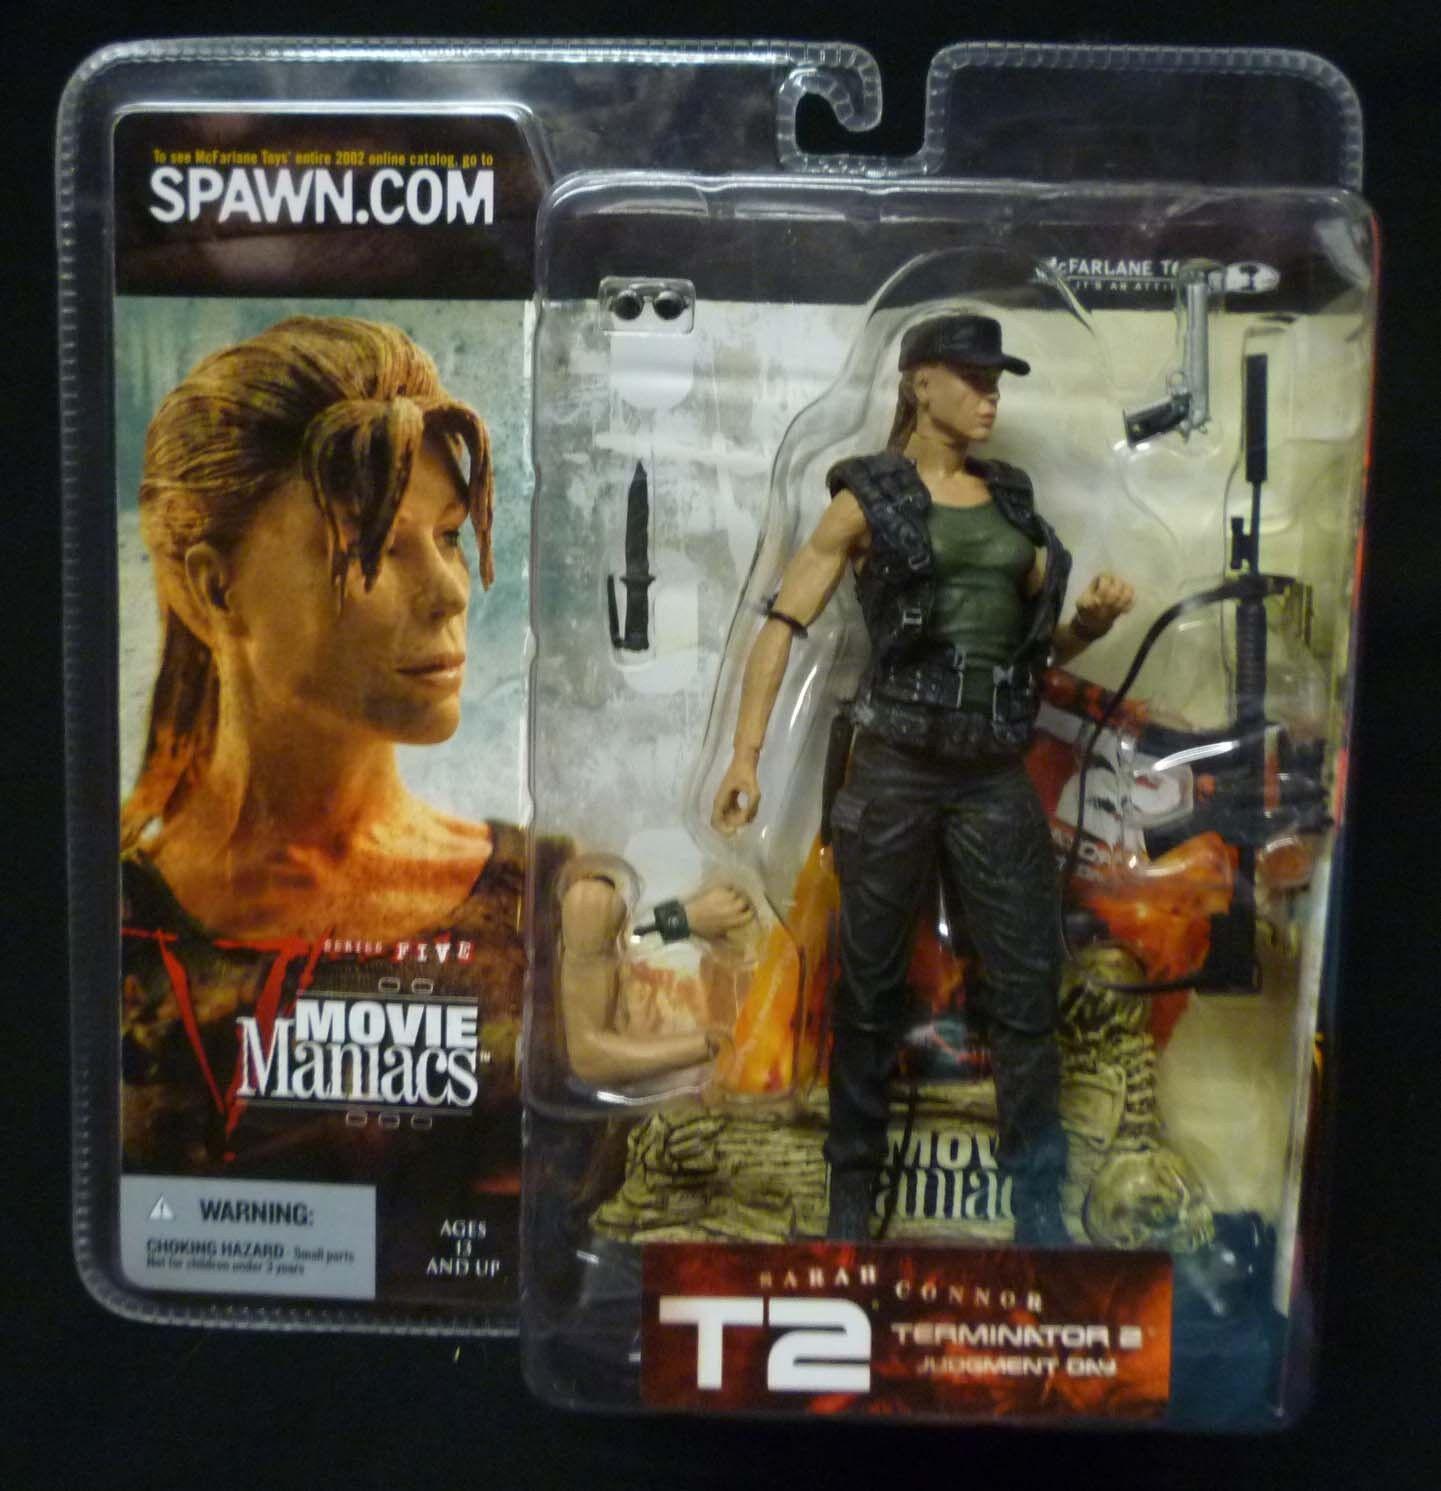 McFarlane giocattoli Movie uomoiacs Series  5 Sarah Connor azione cifra nuovo 2002  shopping online di moda